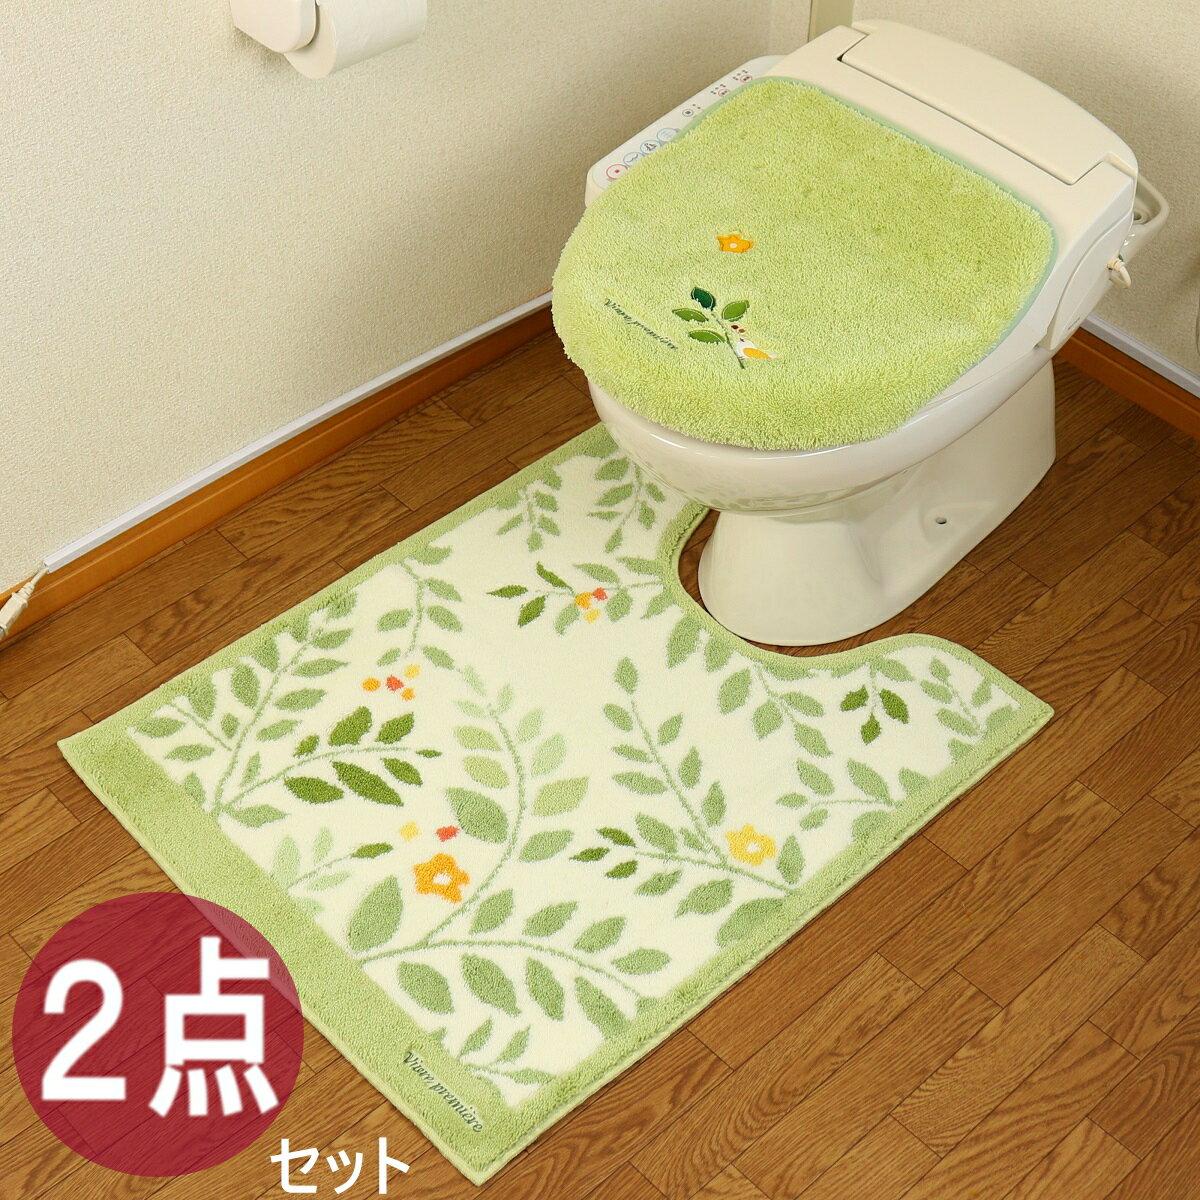 ロングトイレマット セット 2点 グリーン 洗浄暖房・普通便座共用型 北欧 おしゃれ かわいい 花 緑 フラワー オカ サンリーフ